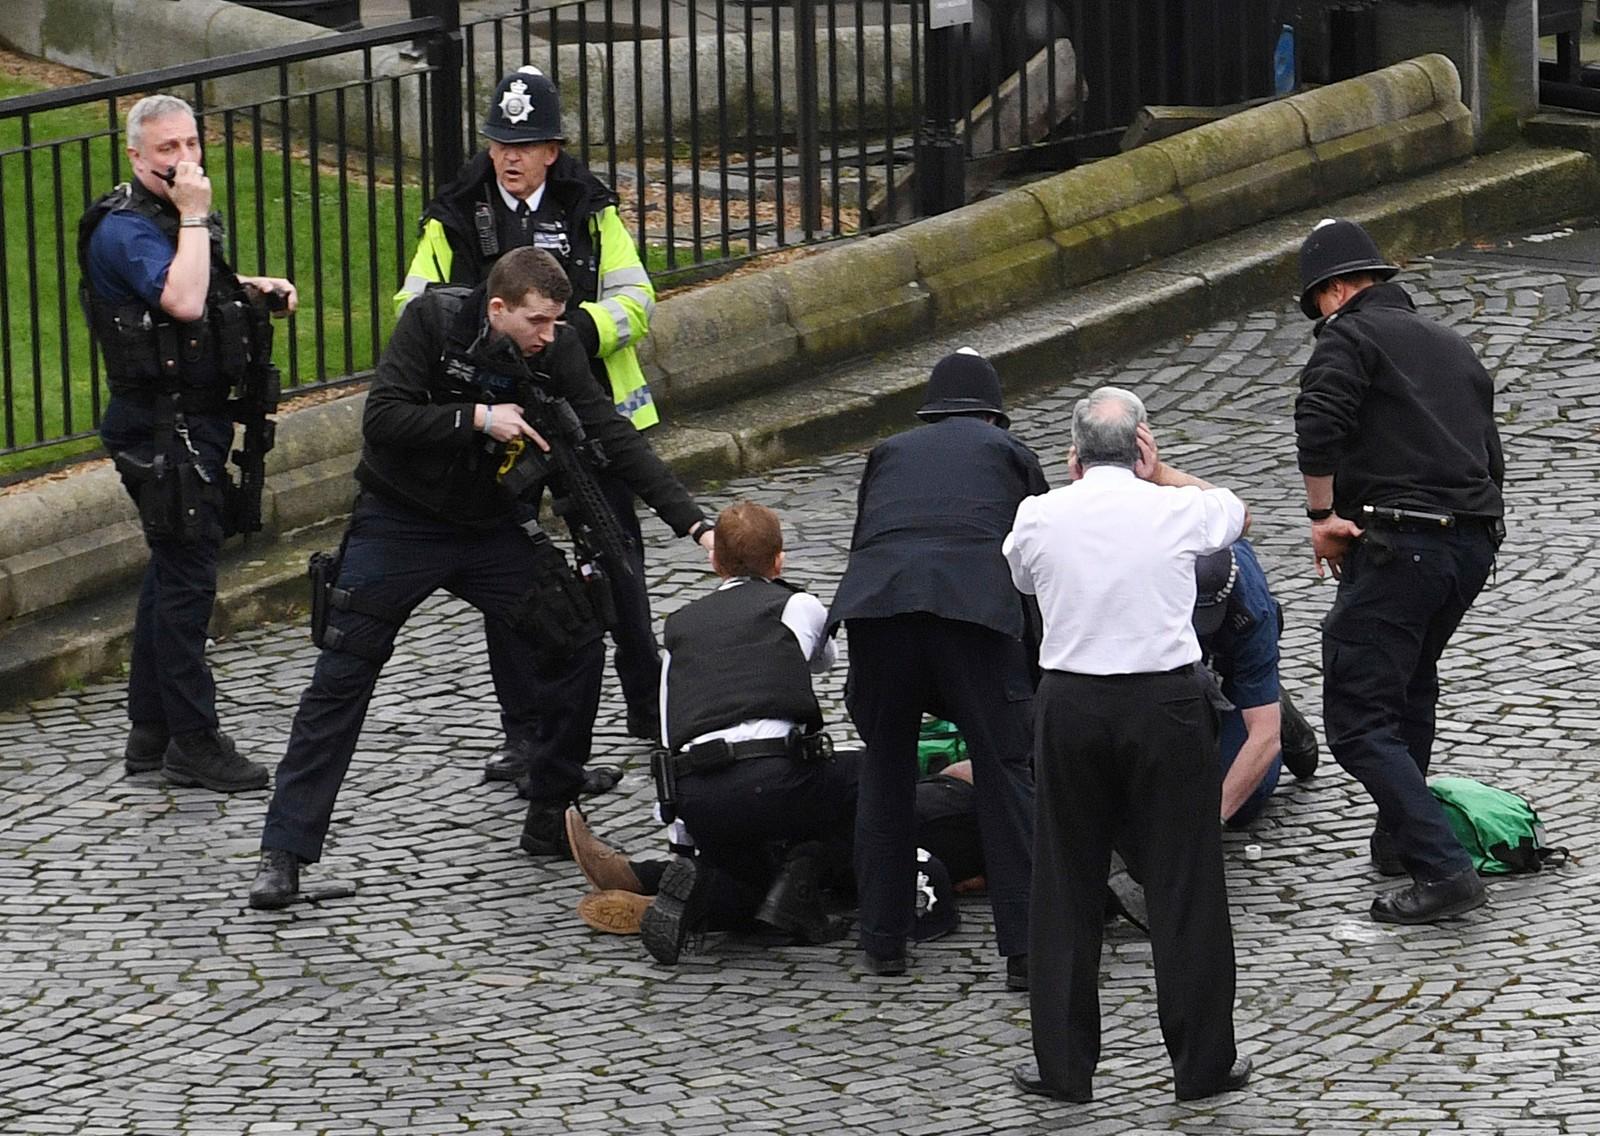 Politiet retter et våpen mot den antatte gjerningsmannen på bakken.